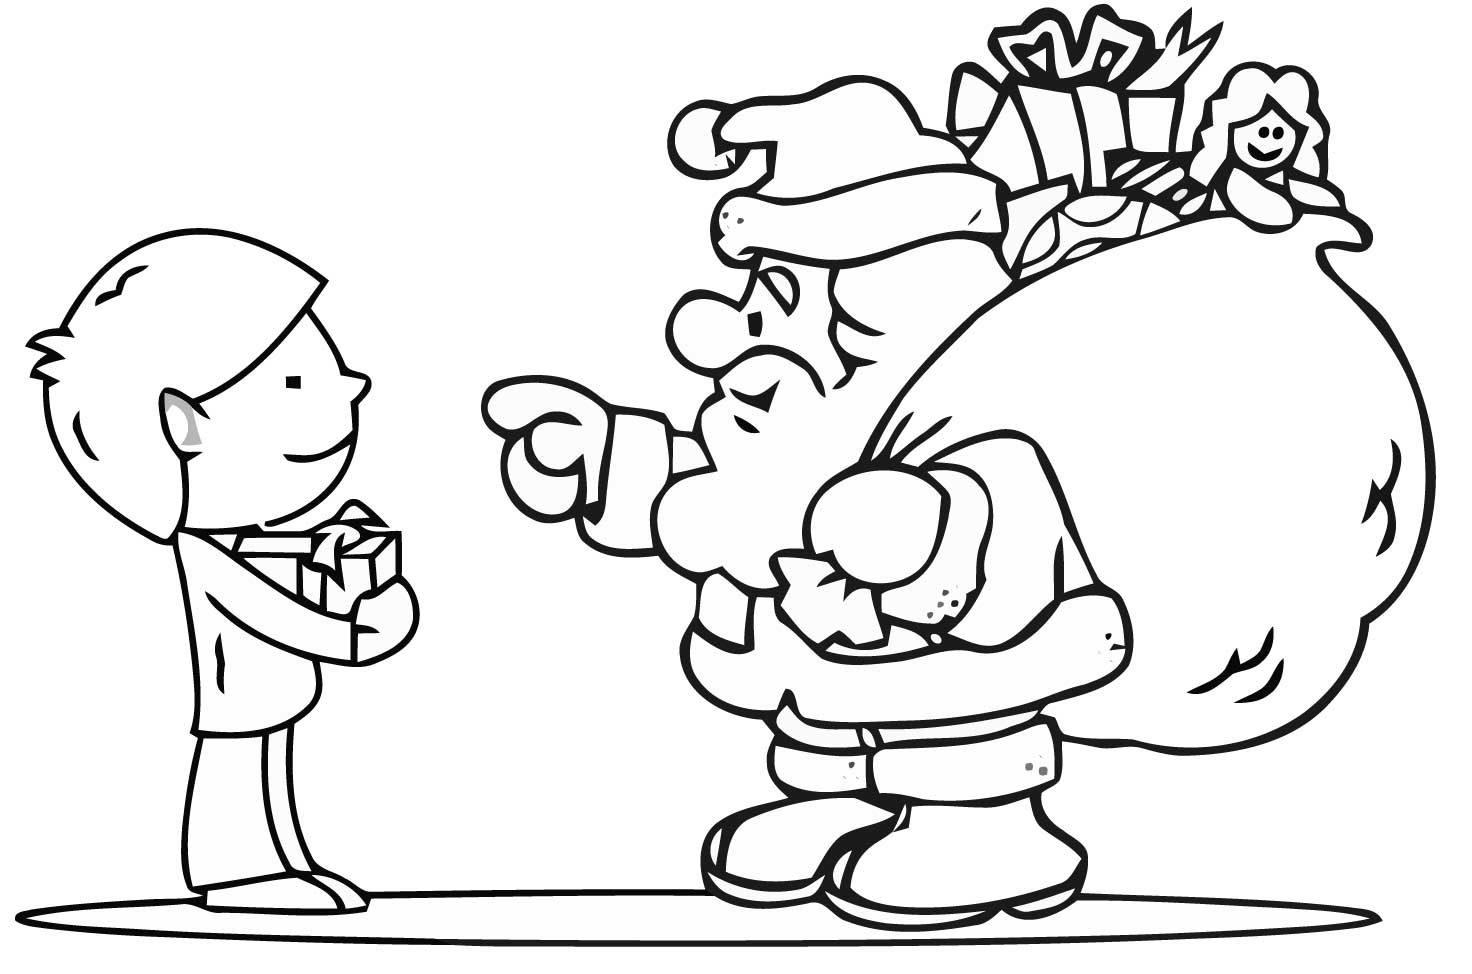 Más De 100 Dibujos De Navidad Para Colorear Gratis